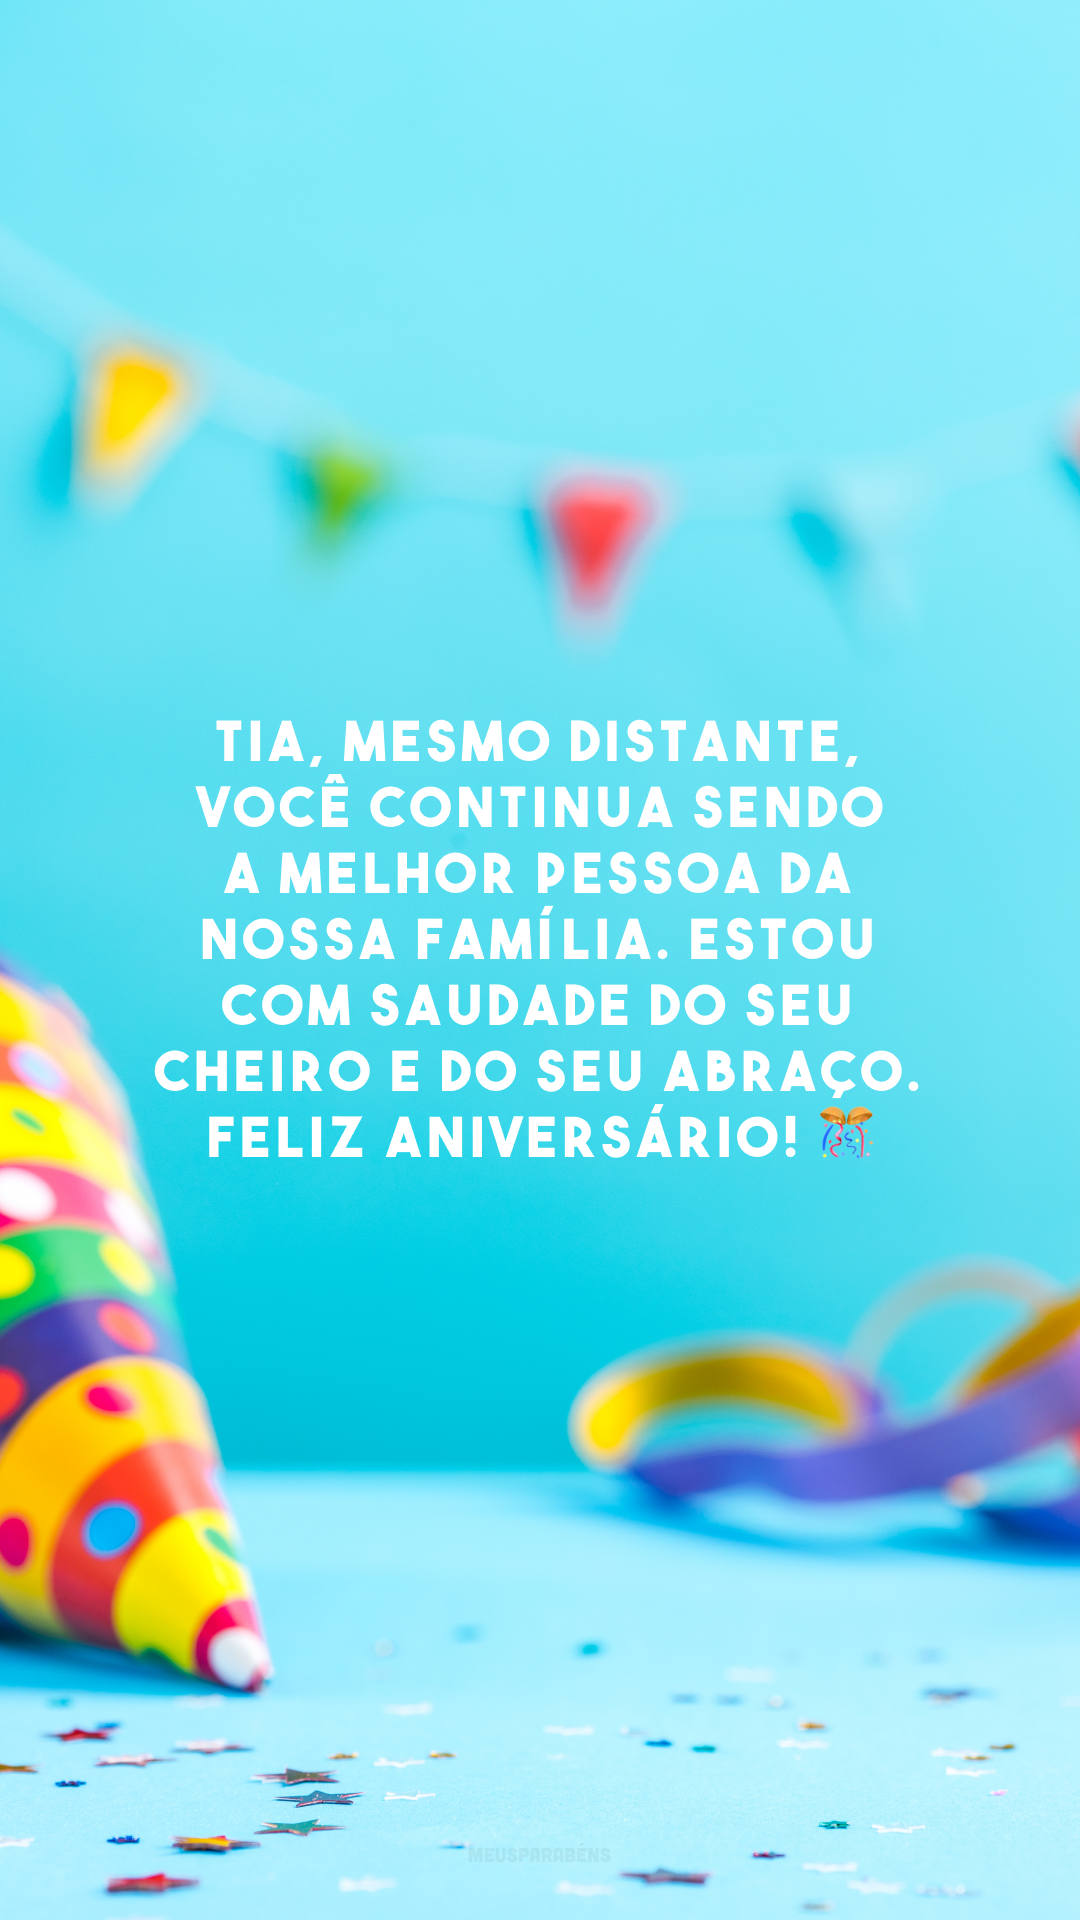 Tia, mesmo distante, você continua sendo a melhor pessoa da nossa família. Estou com saudade do seu cheiro e do seu abraço. Feliz aniversário! 🎊